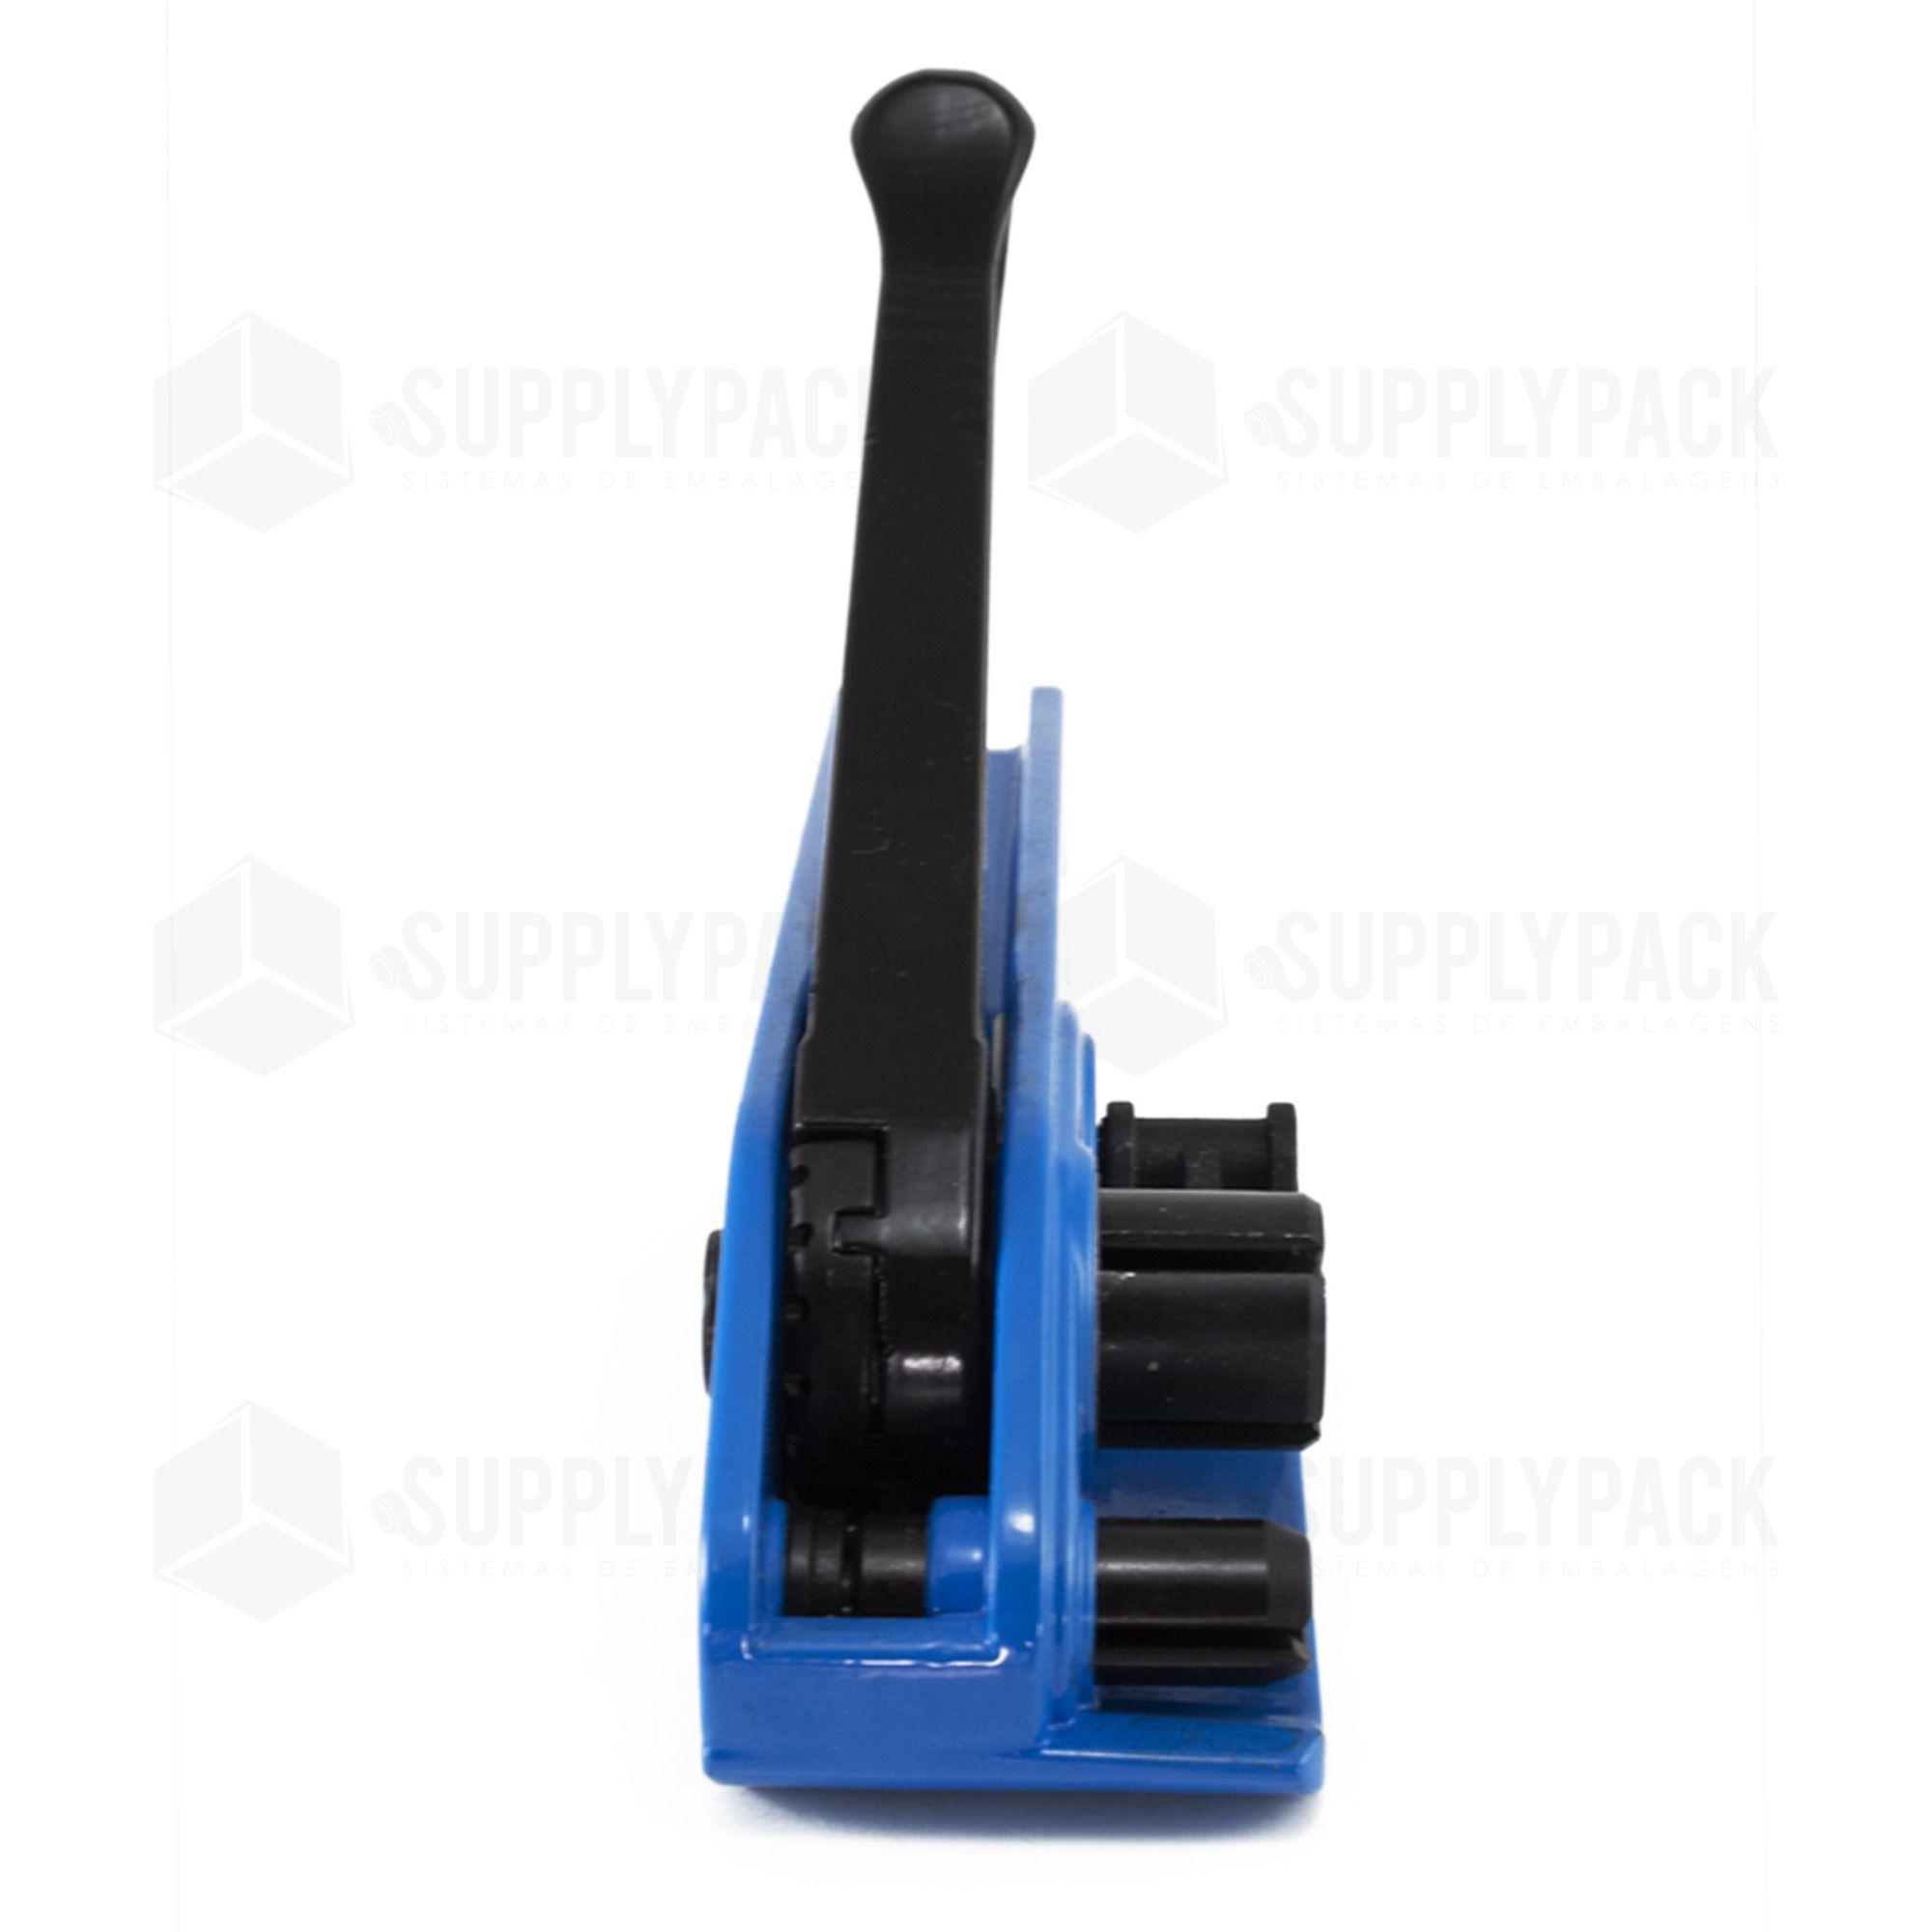 Esticador Tensionador de Fita de Arquear Pet PP de 10 A 16mm Azul Supplypack